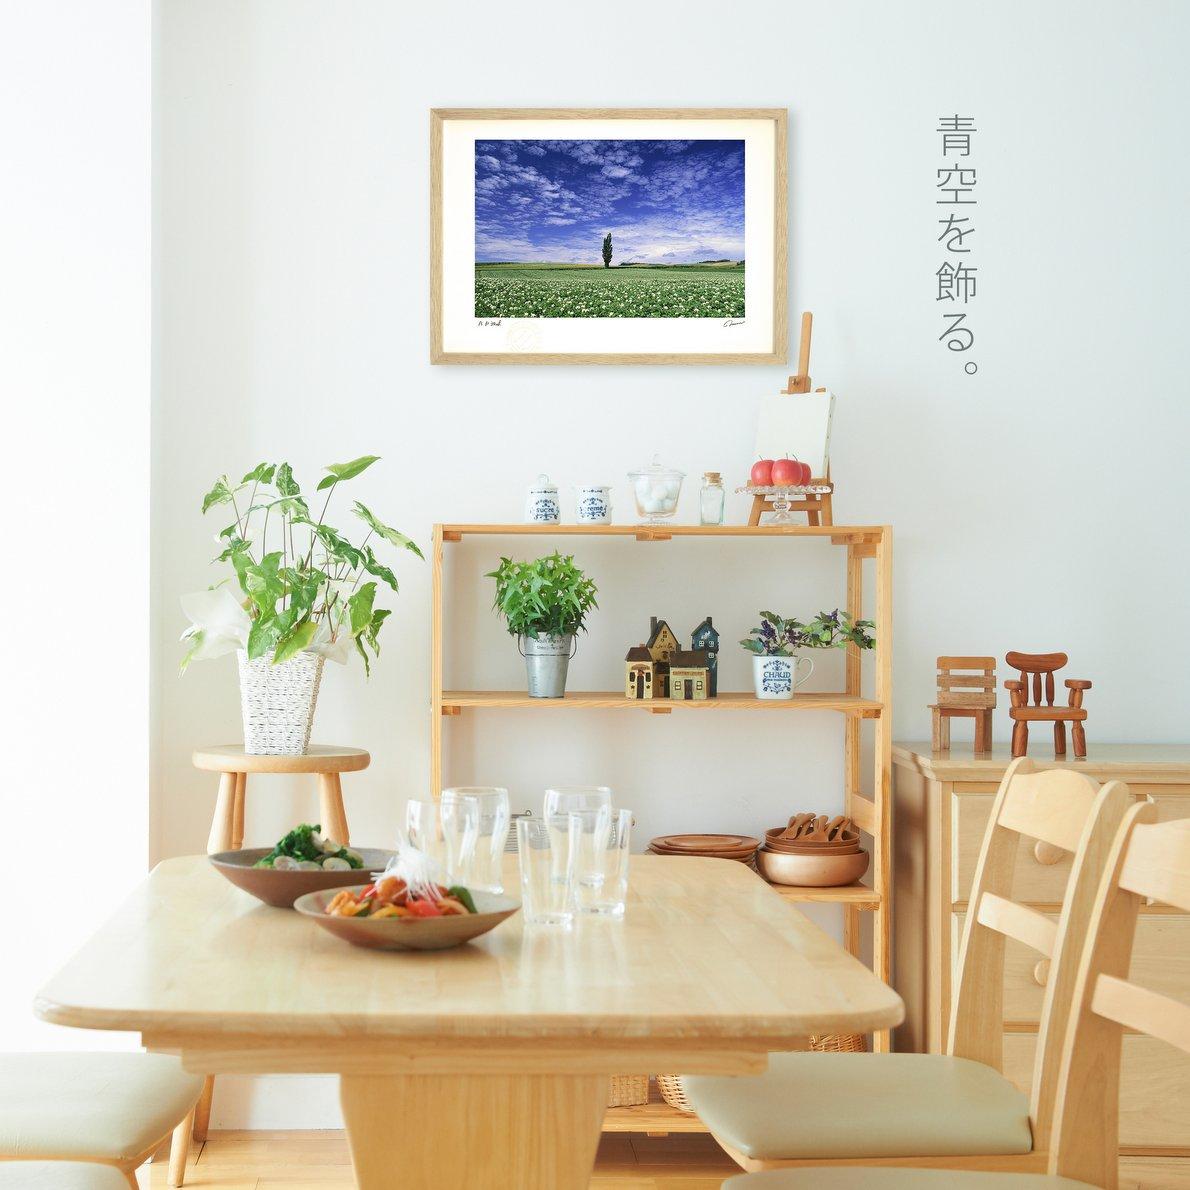 《アートフォト》桜7/富良野市〔富良野・高橋真澄〕(レンタル対象)